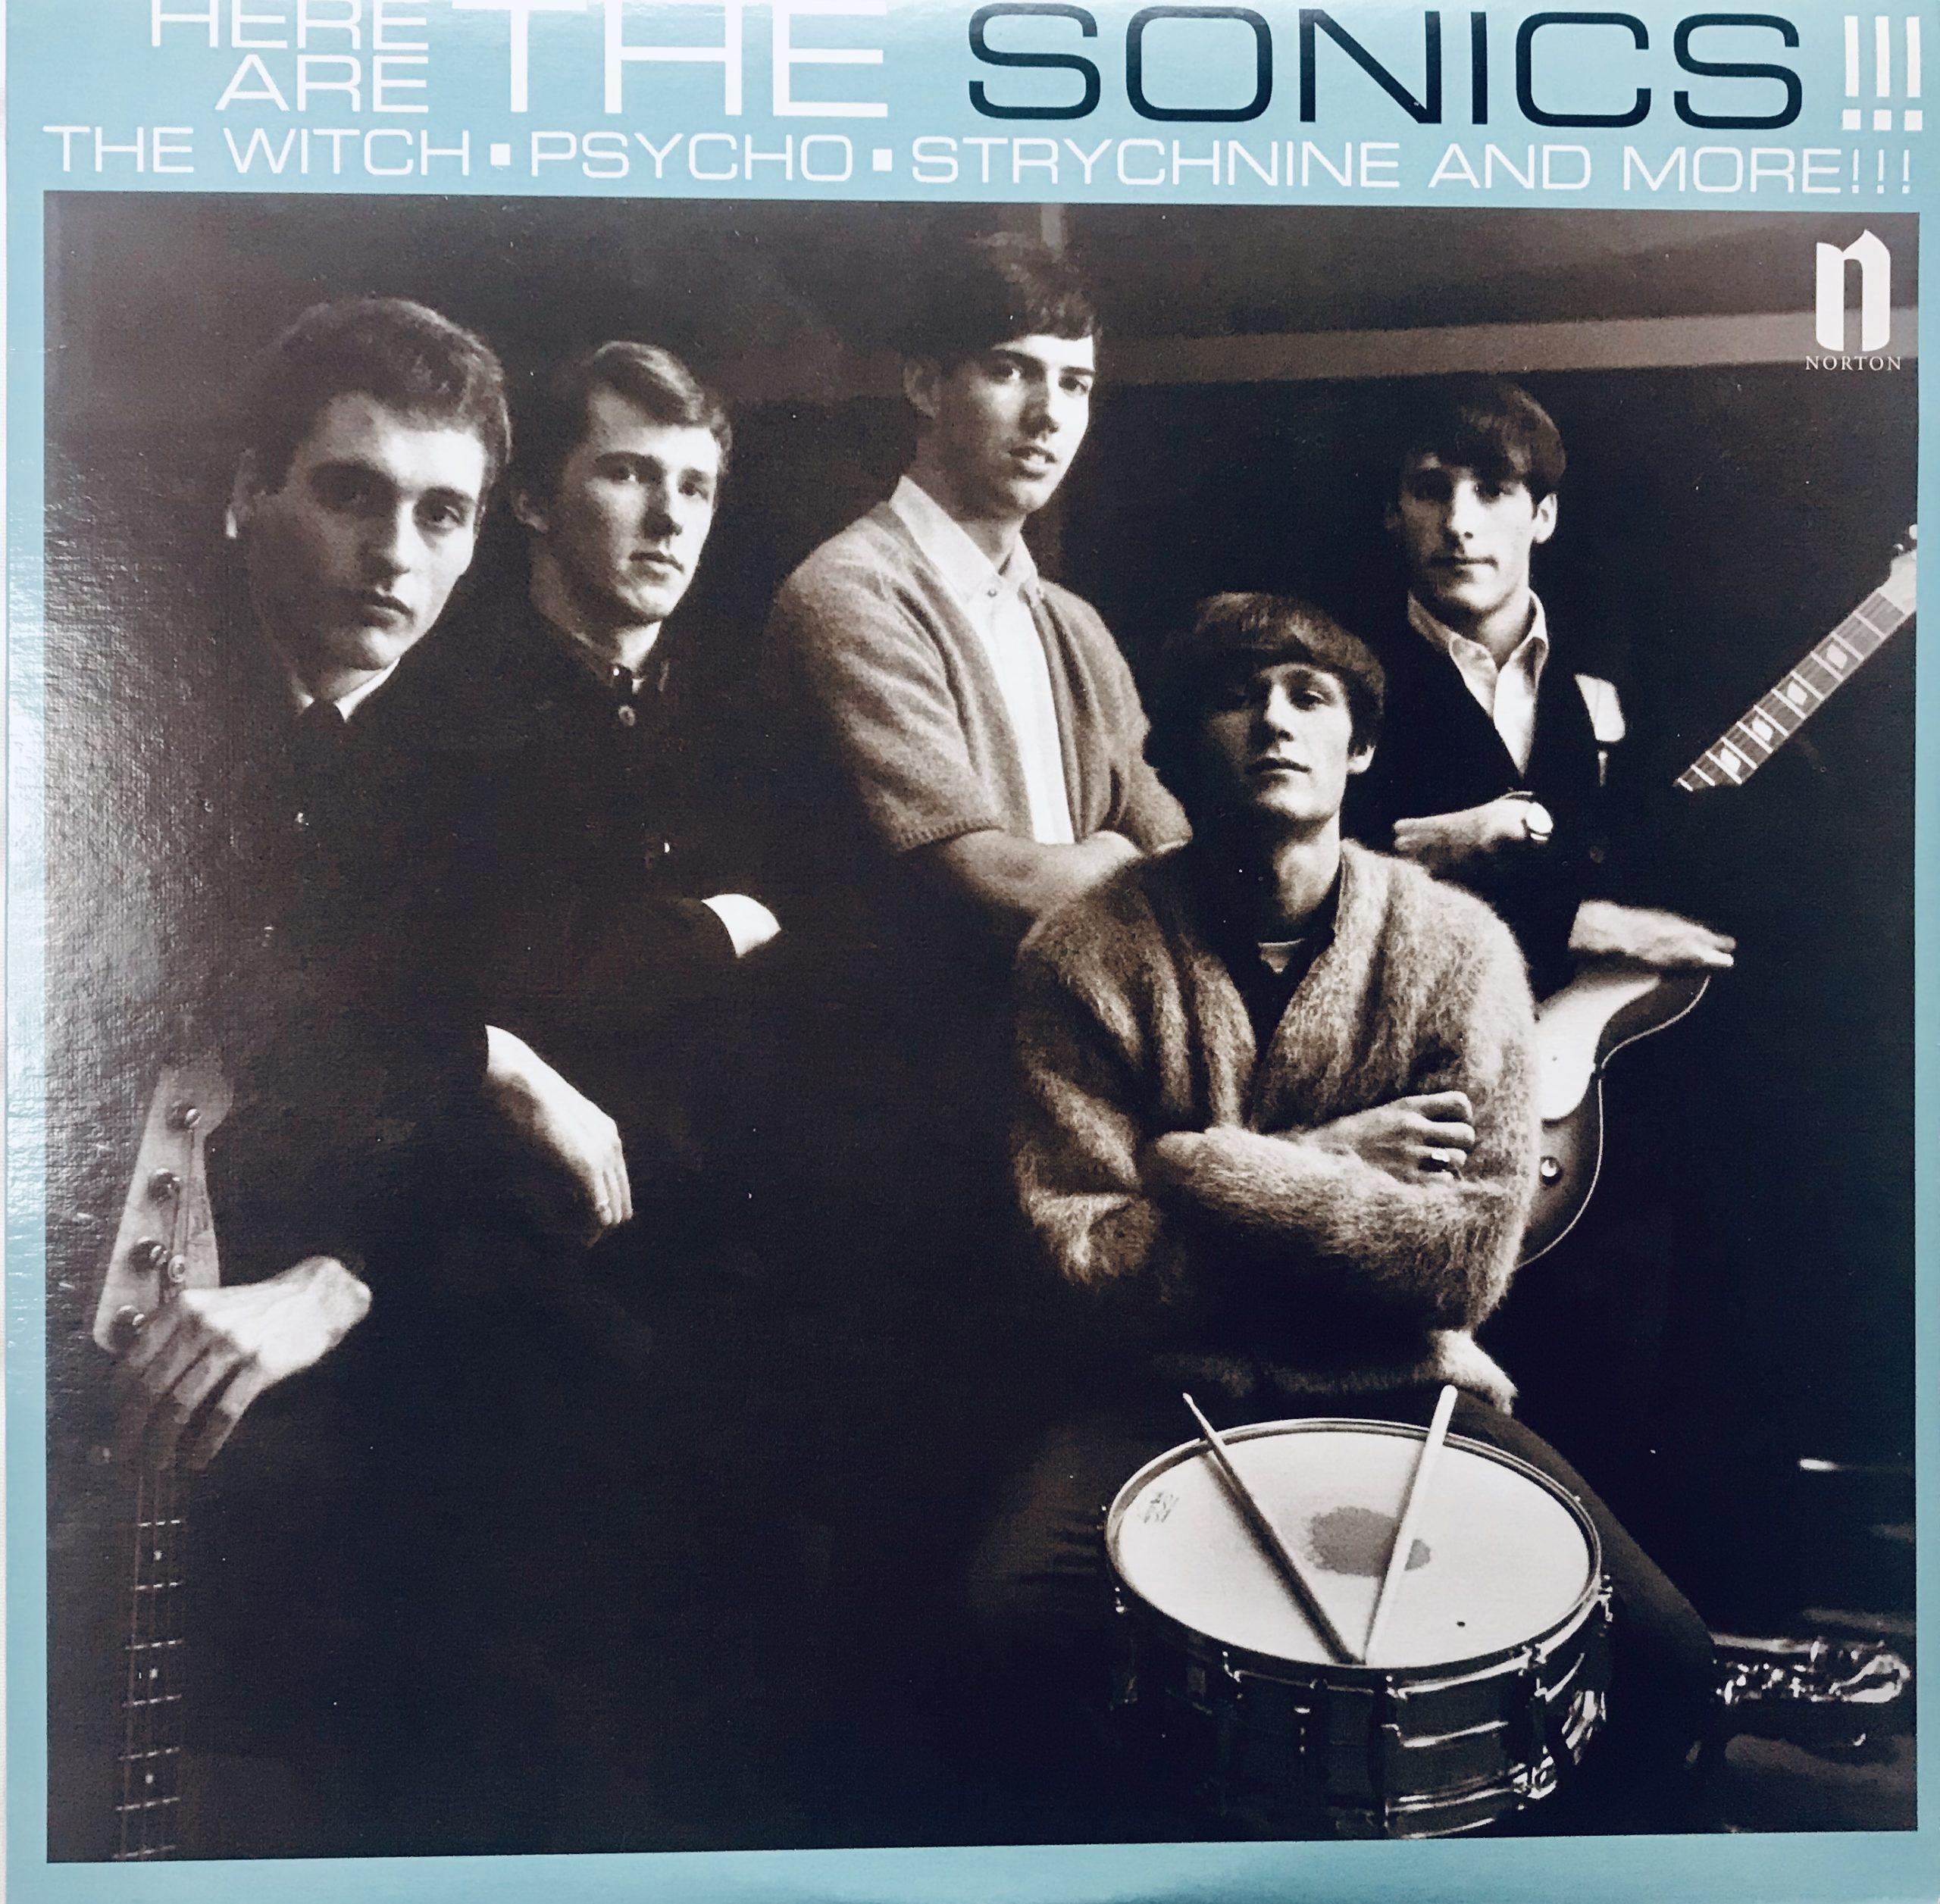 ロックの名盤は裏のビートルズのこいつらだ【The Sonics】